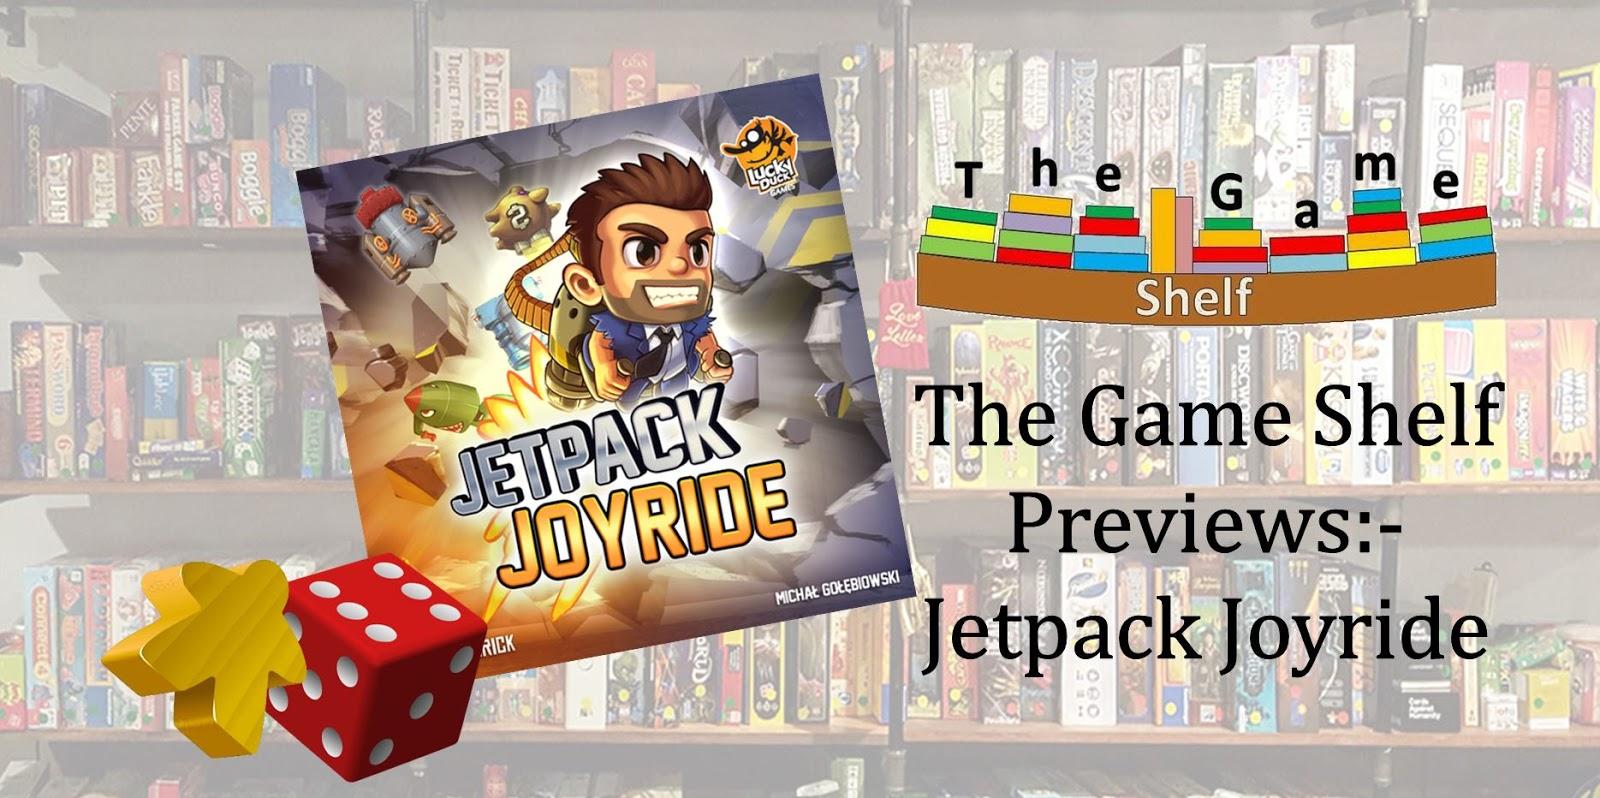 The Game Shelf Previews:- Jetpack Joyride - The Game Shelf ...